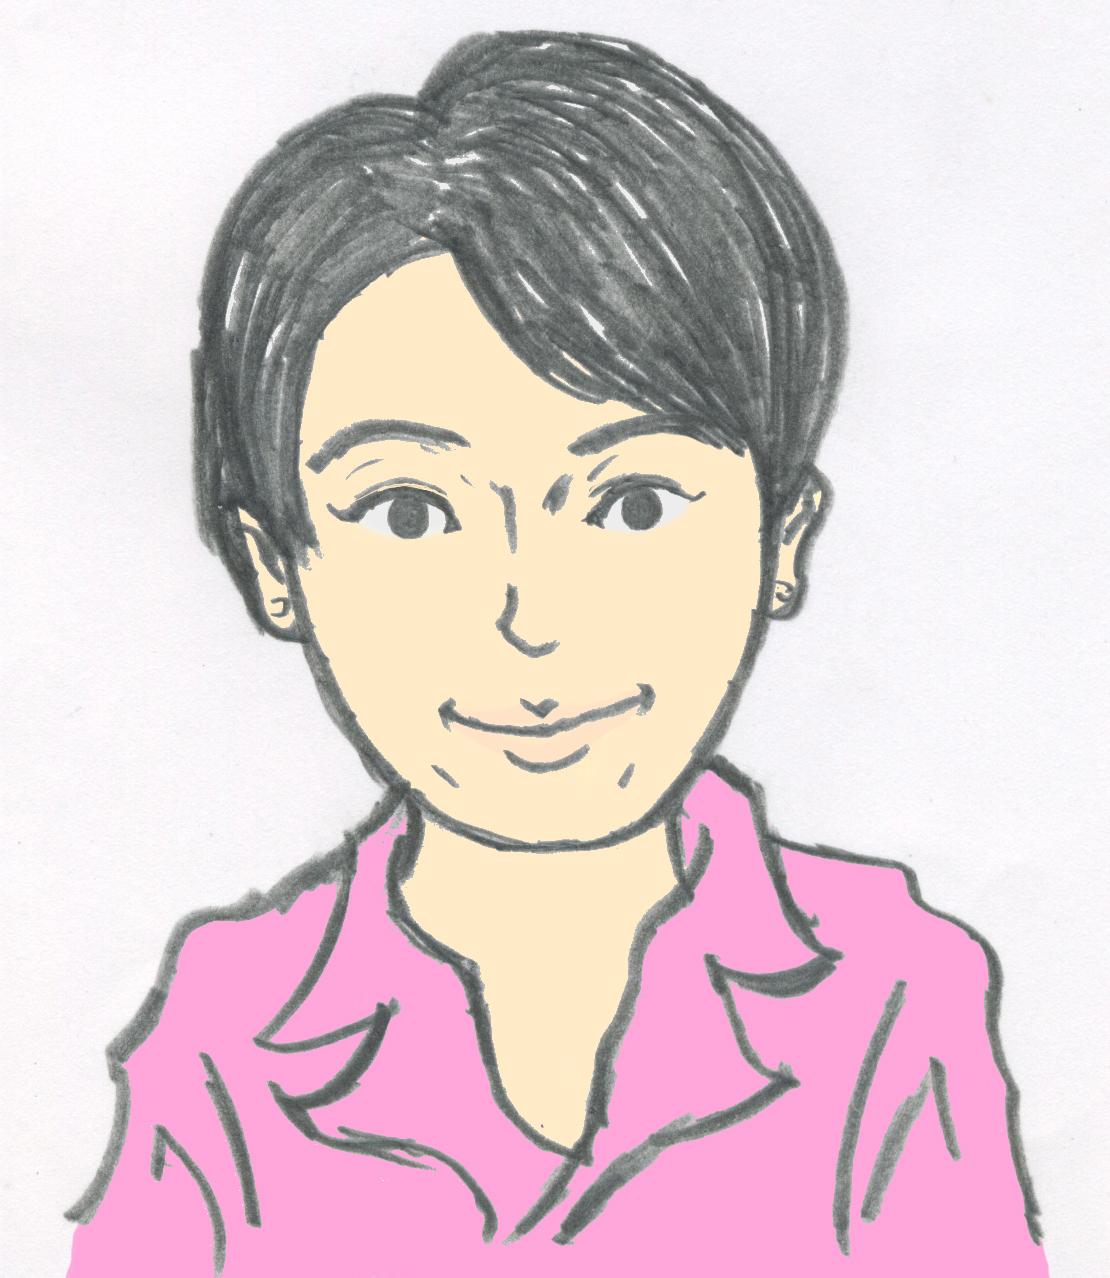 柿沼 章子の似顔絵